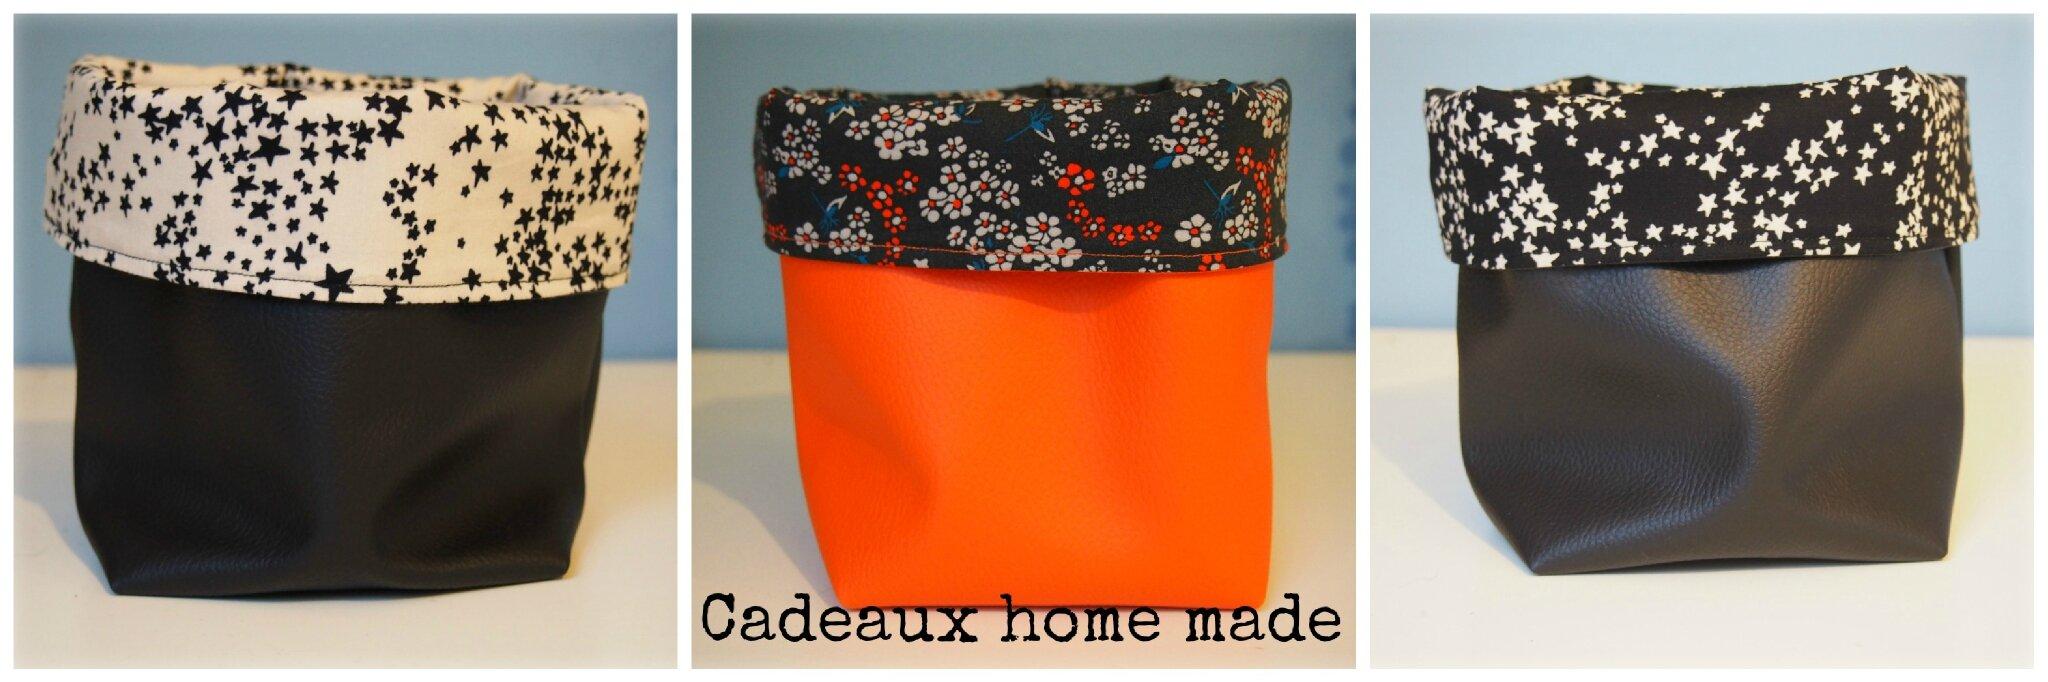 Cadeaux home made #2